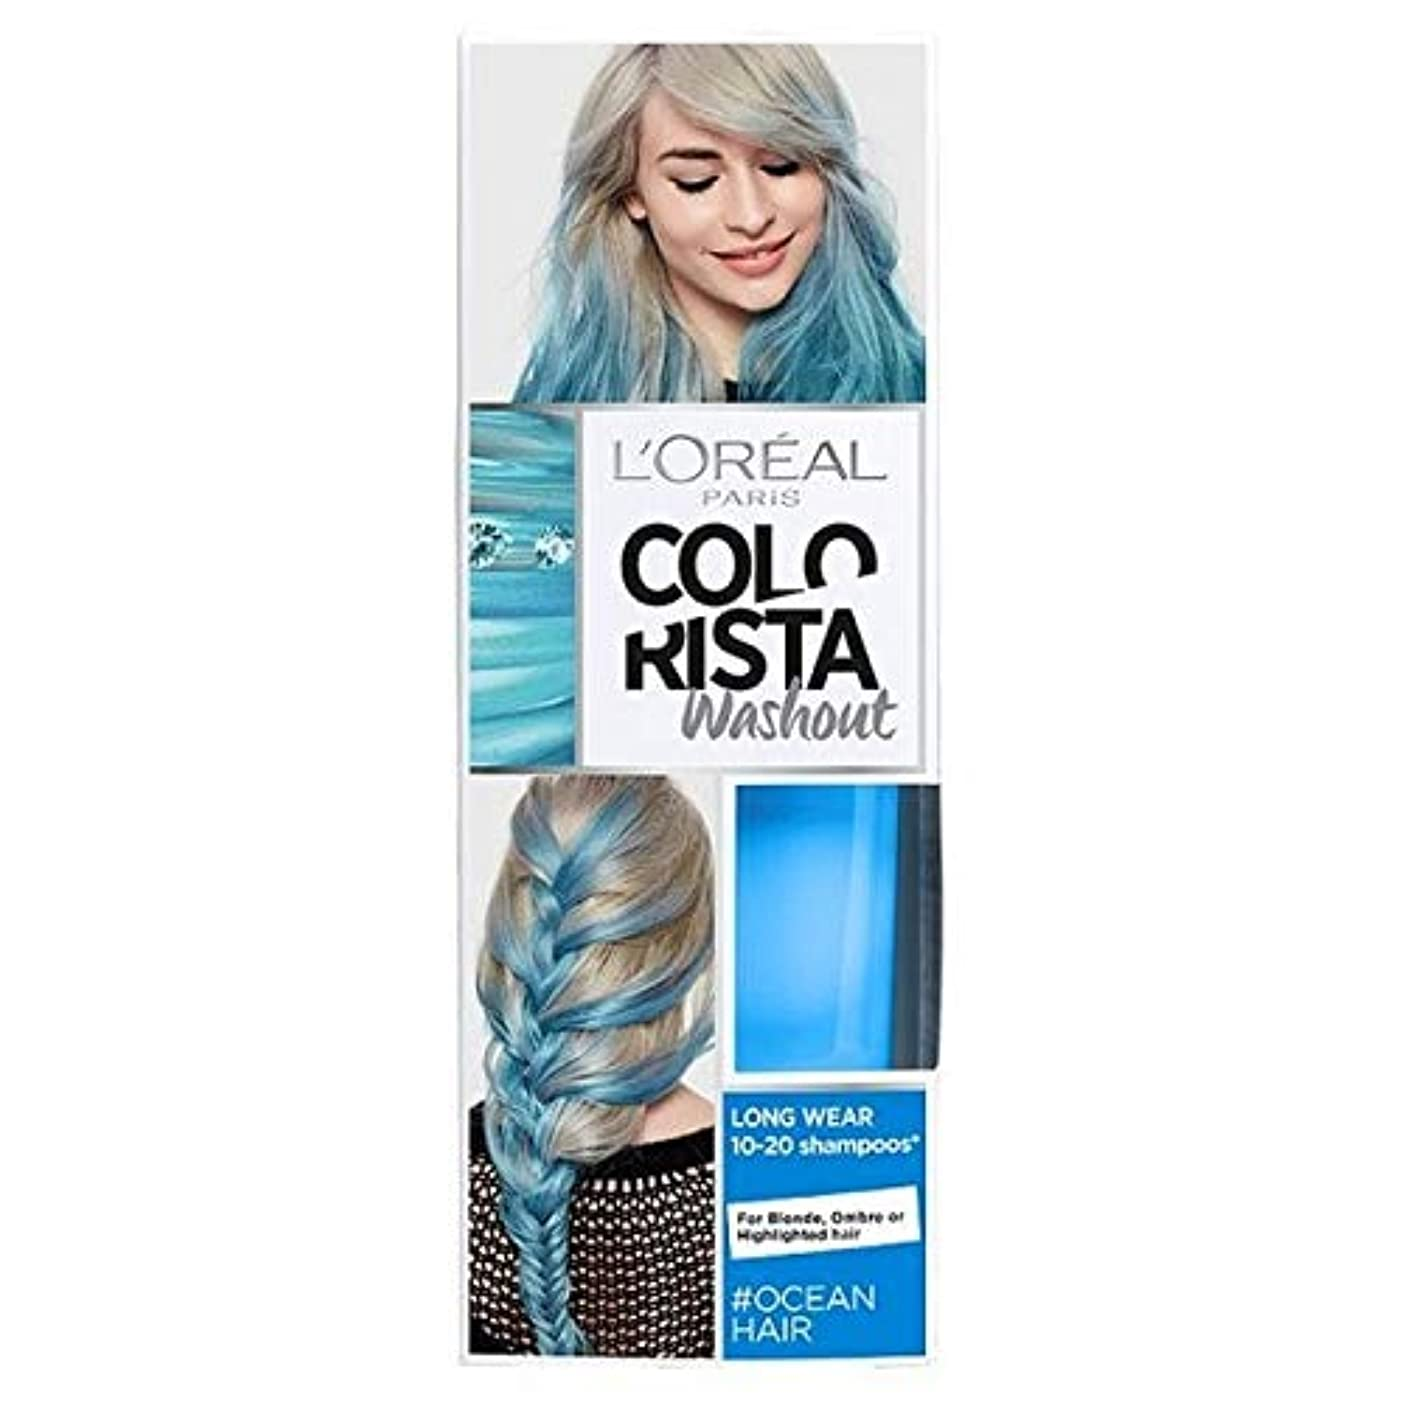 勝つ調子エクスタシー[Colorista] Colorista洗い出しオーシャンブルーネオン半永久染毛剤 - Colorista Washout Ocean Blue Neon Semi-Permanent Hair Dye [並行輸入品]